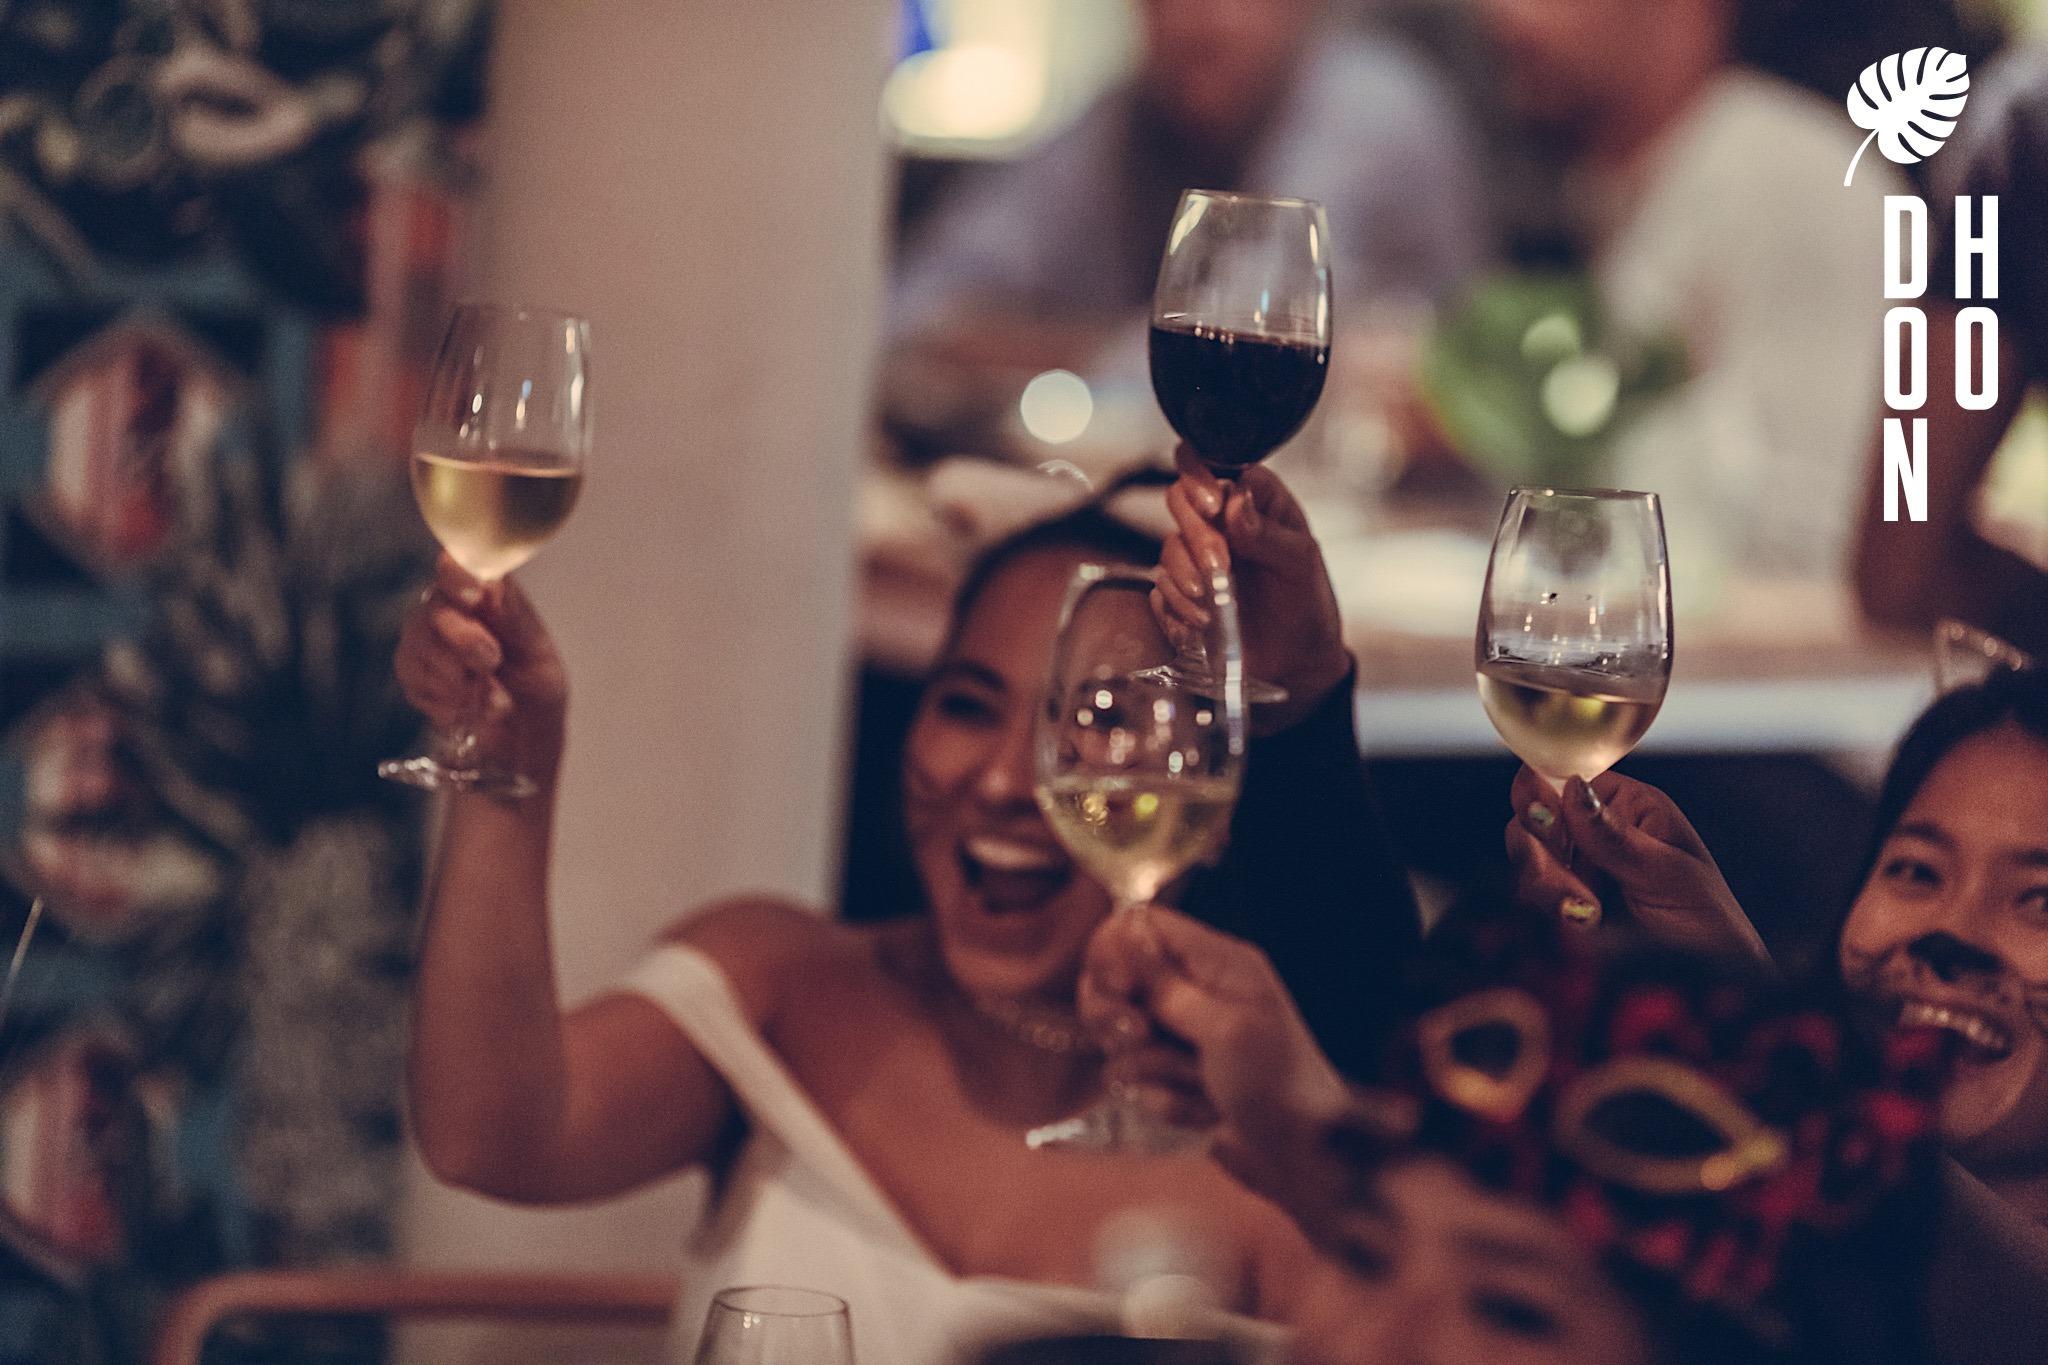 Drinks at DON HO - Social Kitchen & Bar (Photo credits: Colossal Photos)